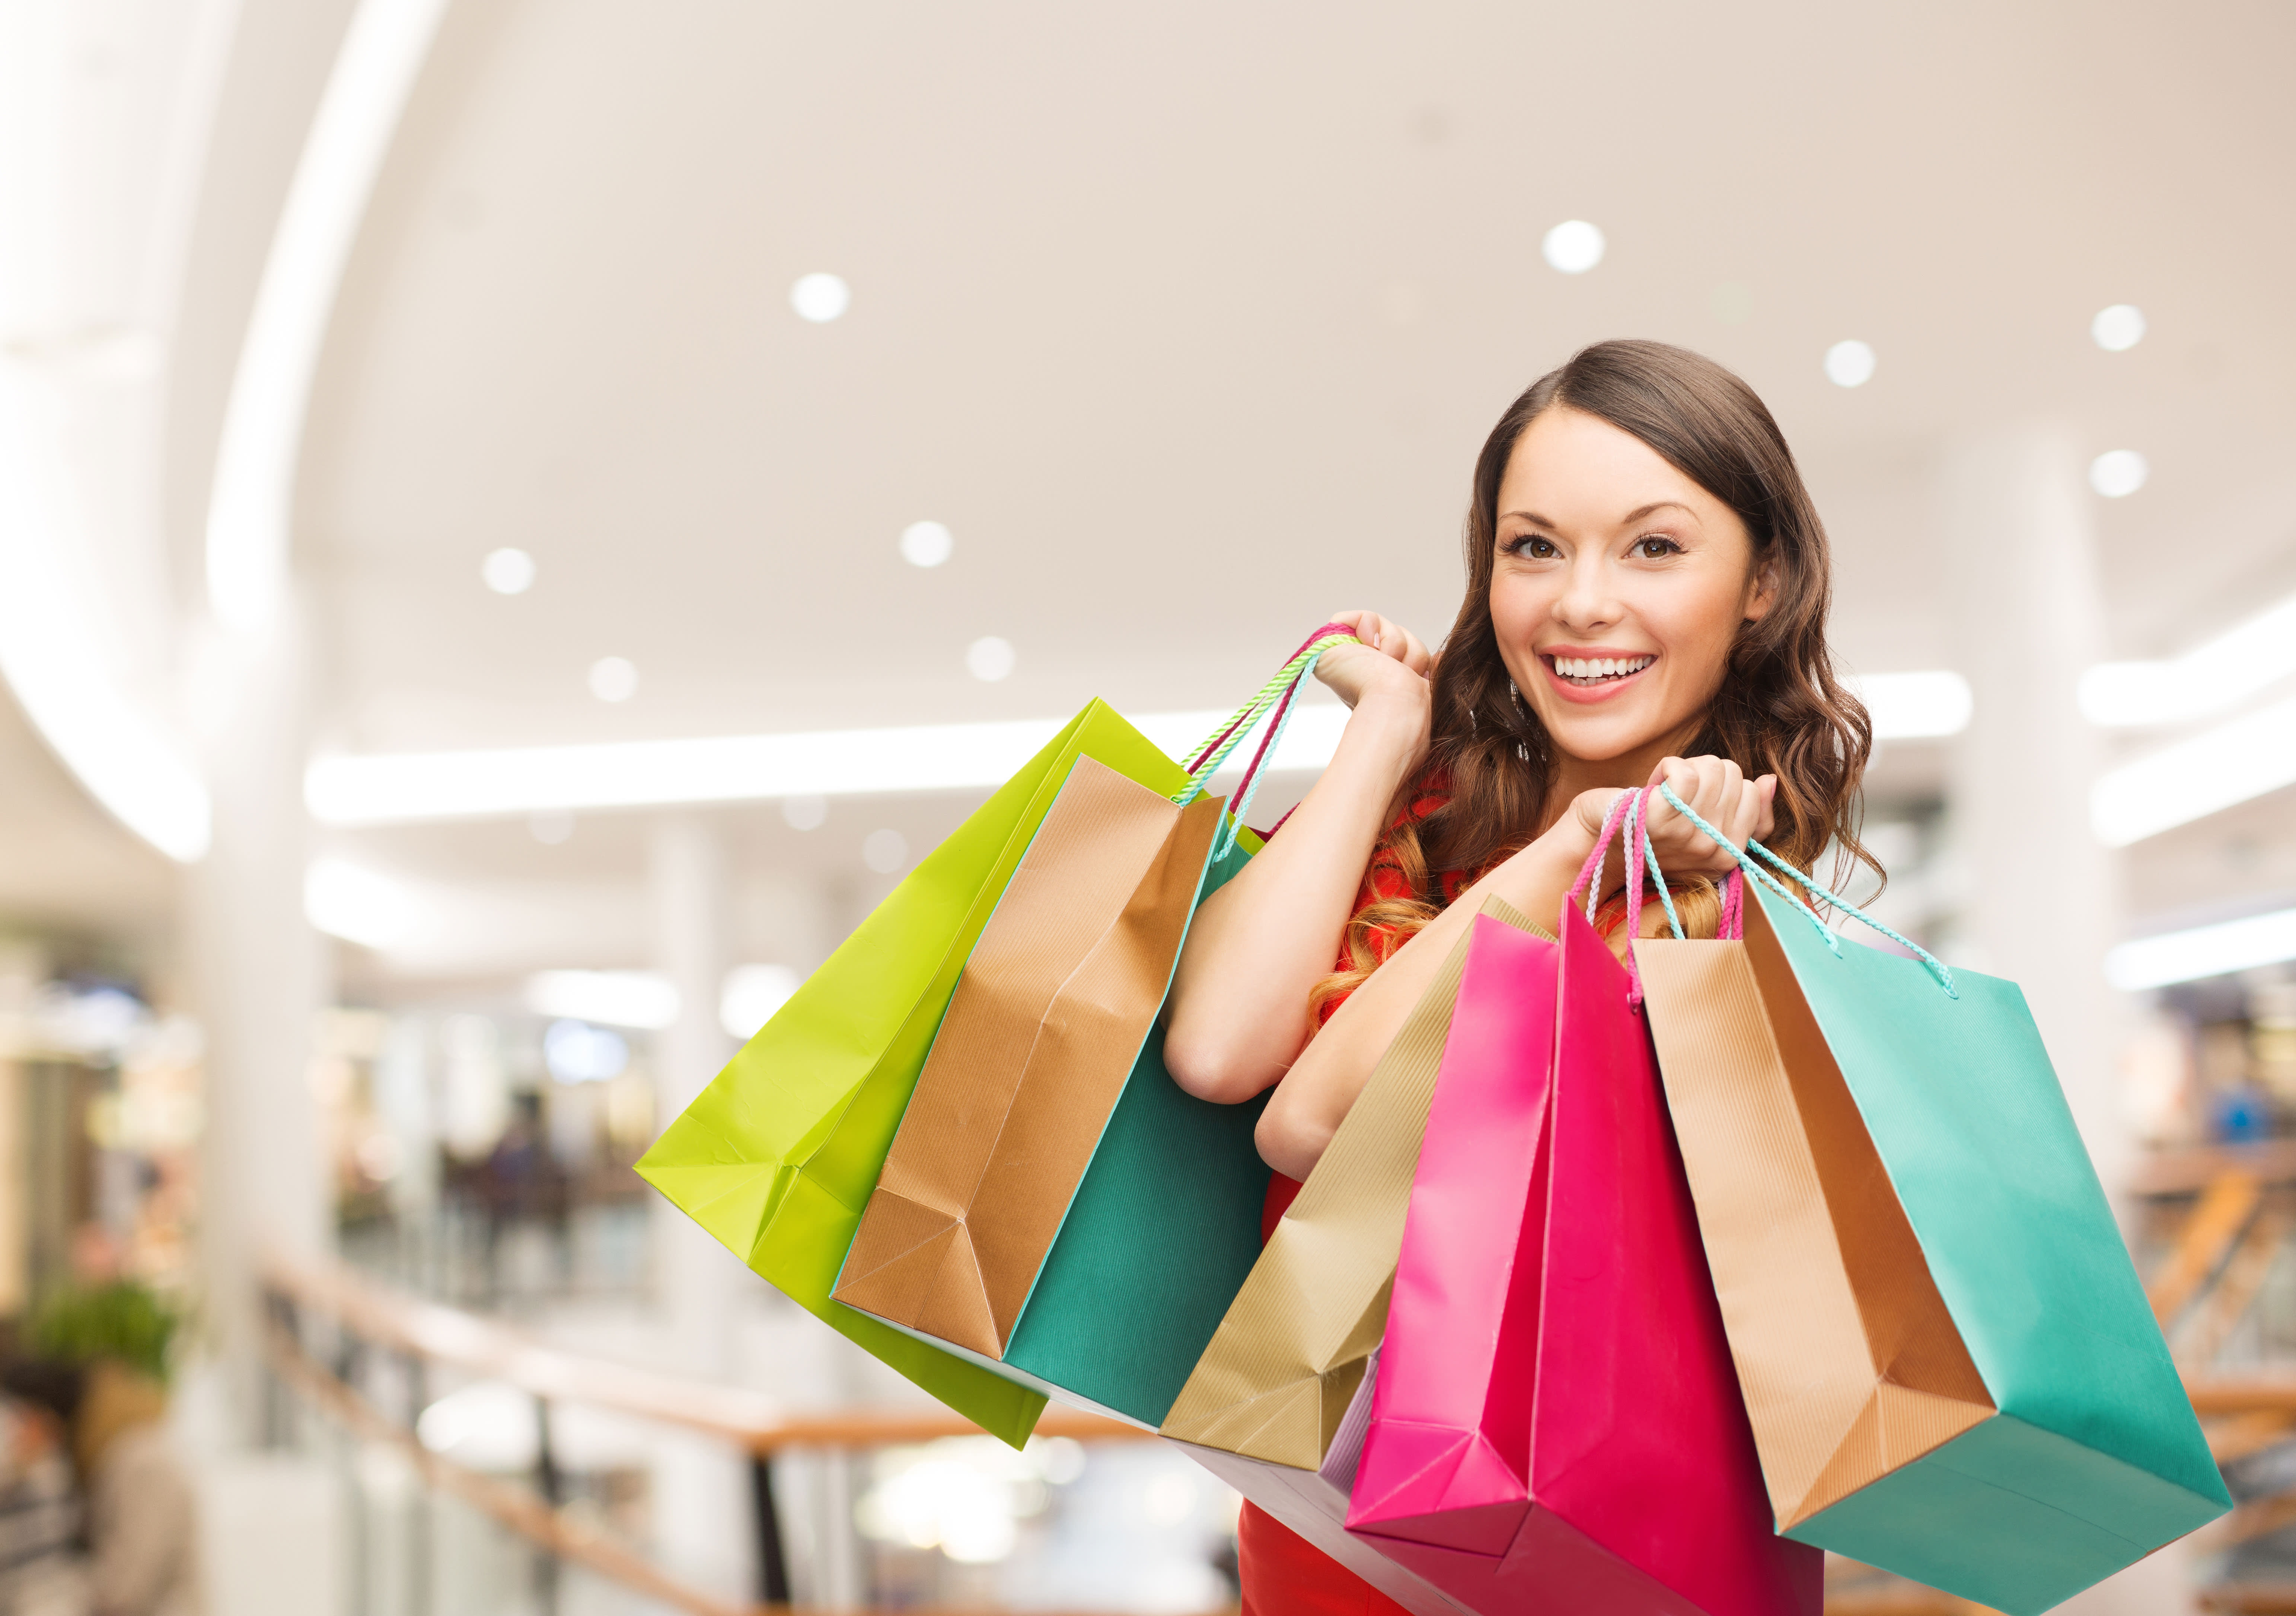 מי עומד מאחורי הקניות שלכם?  (צ' - ShutterStock)